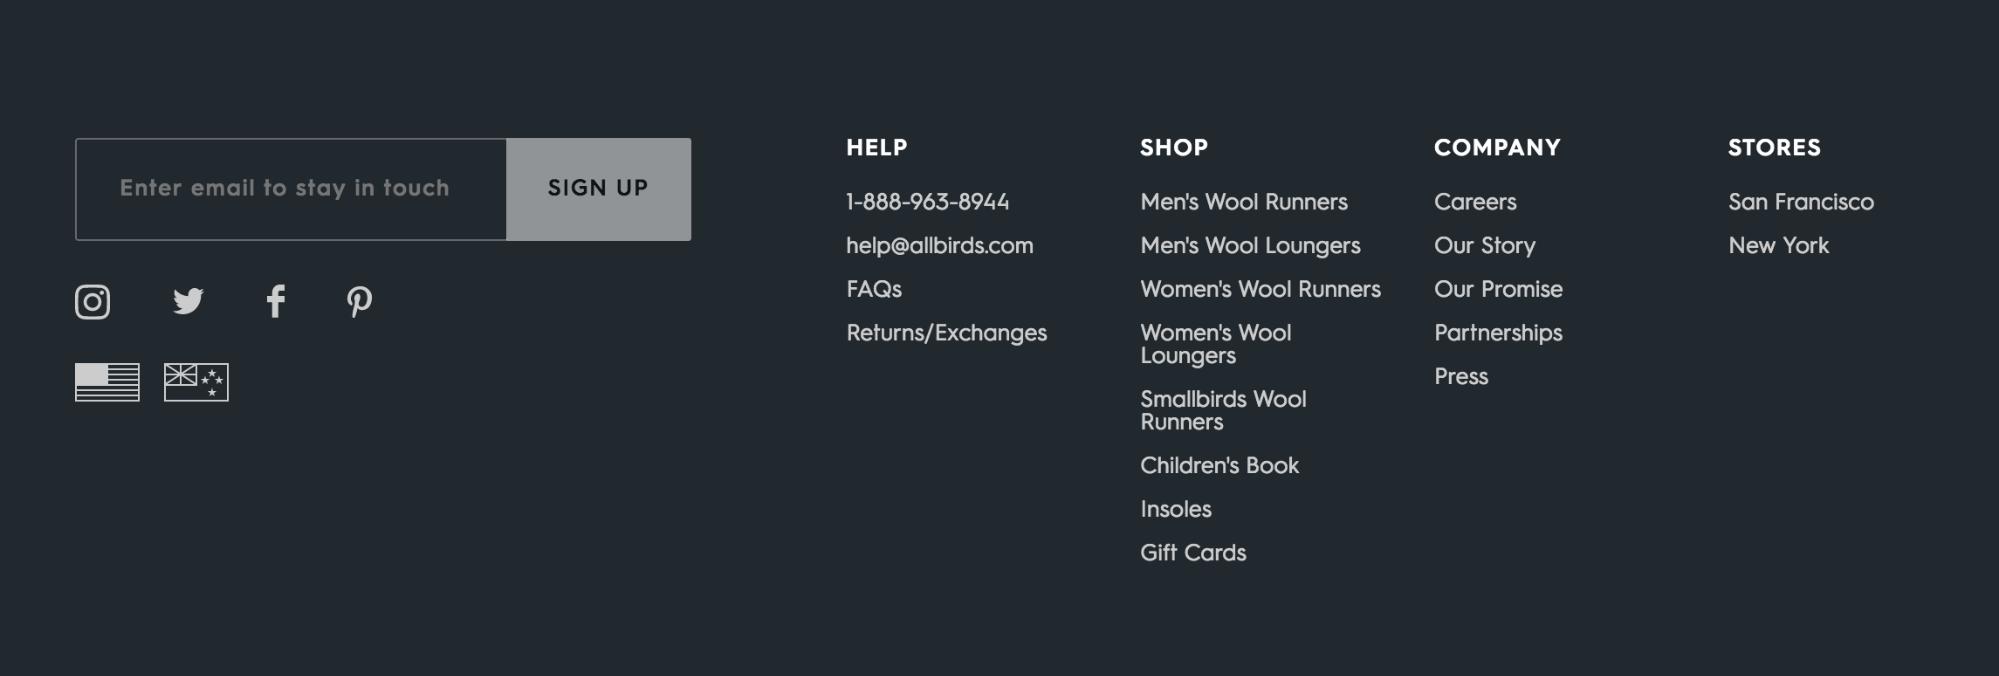 Screenshot showing a website